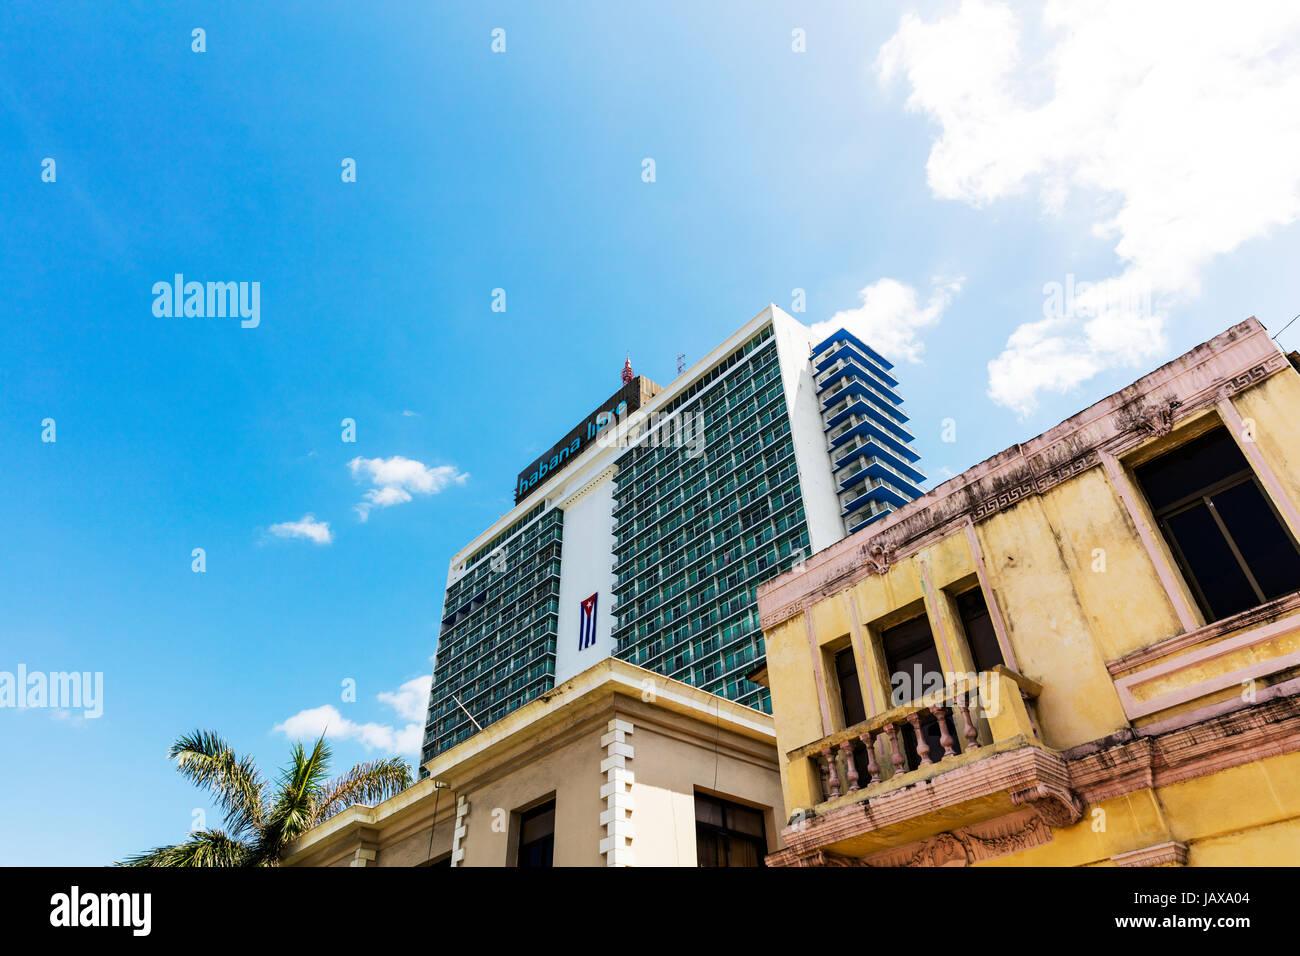 Habana Libre hotel Havana, Cuba, Centro Habana, Centro Havana, La Rampa , Hotel Habana Libre, La Habana, Havana - Stock Image